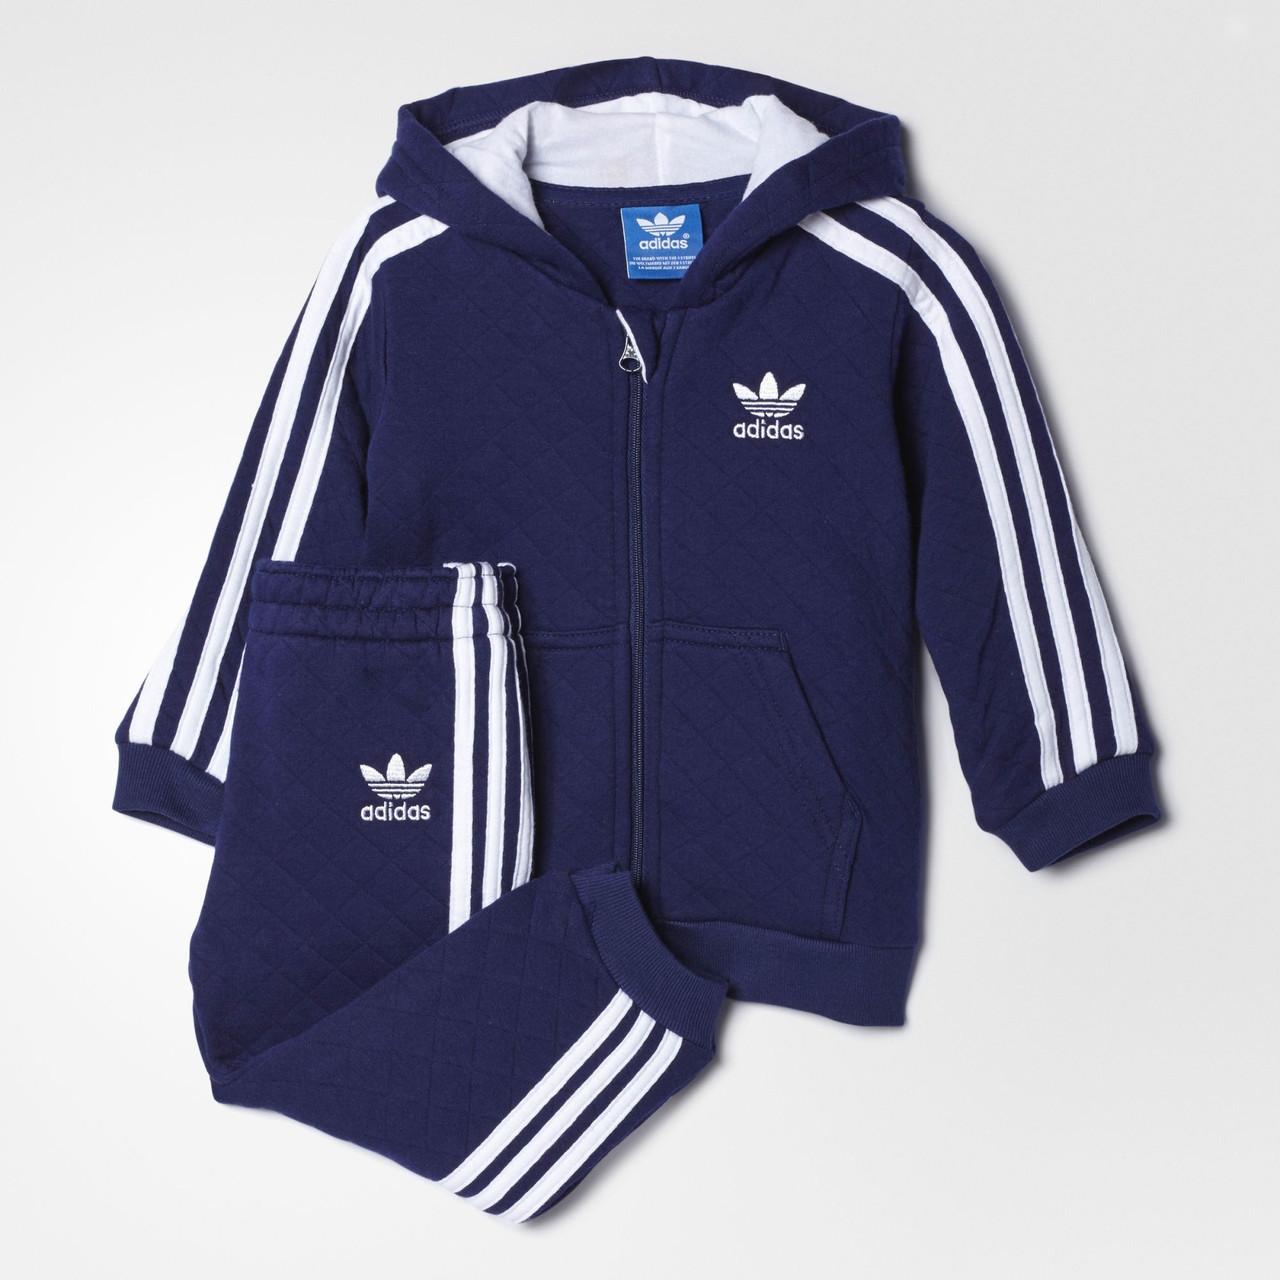 12fffcfc2a72f2 Купить Детский костюм Adidas Originals Quilted (Артикул: S95954) в ...